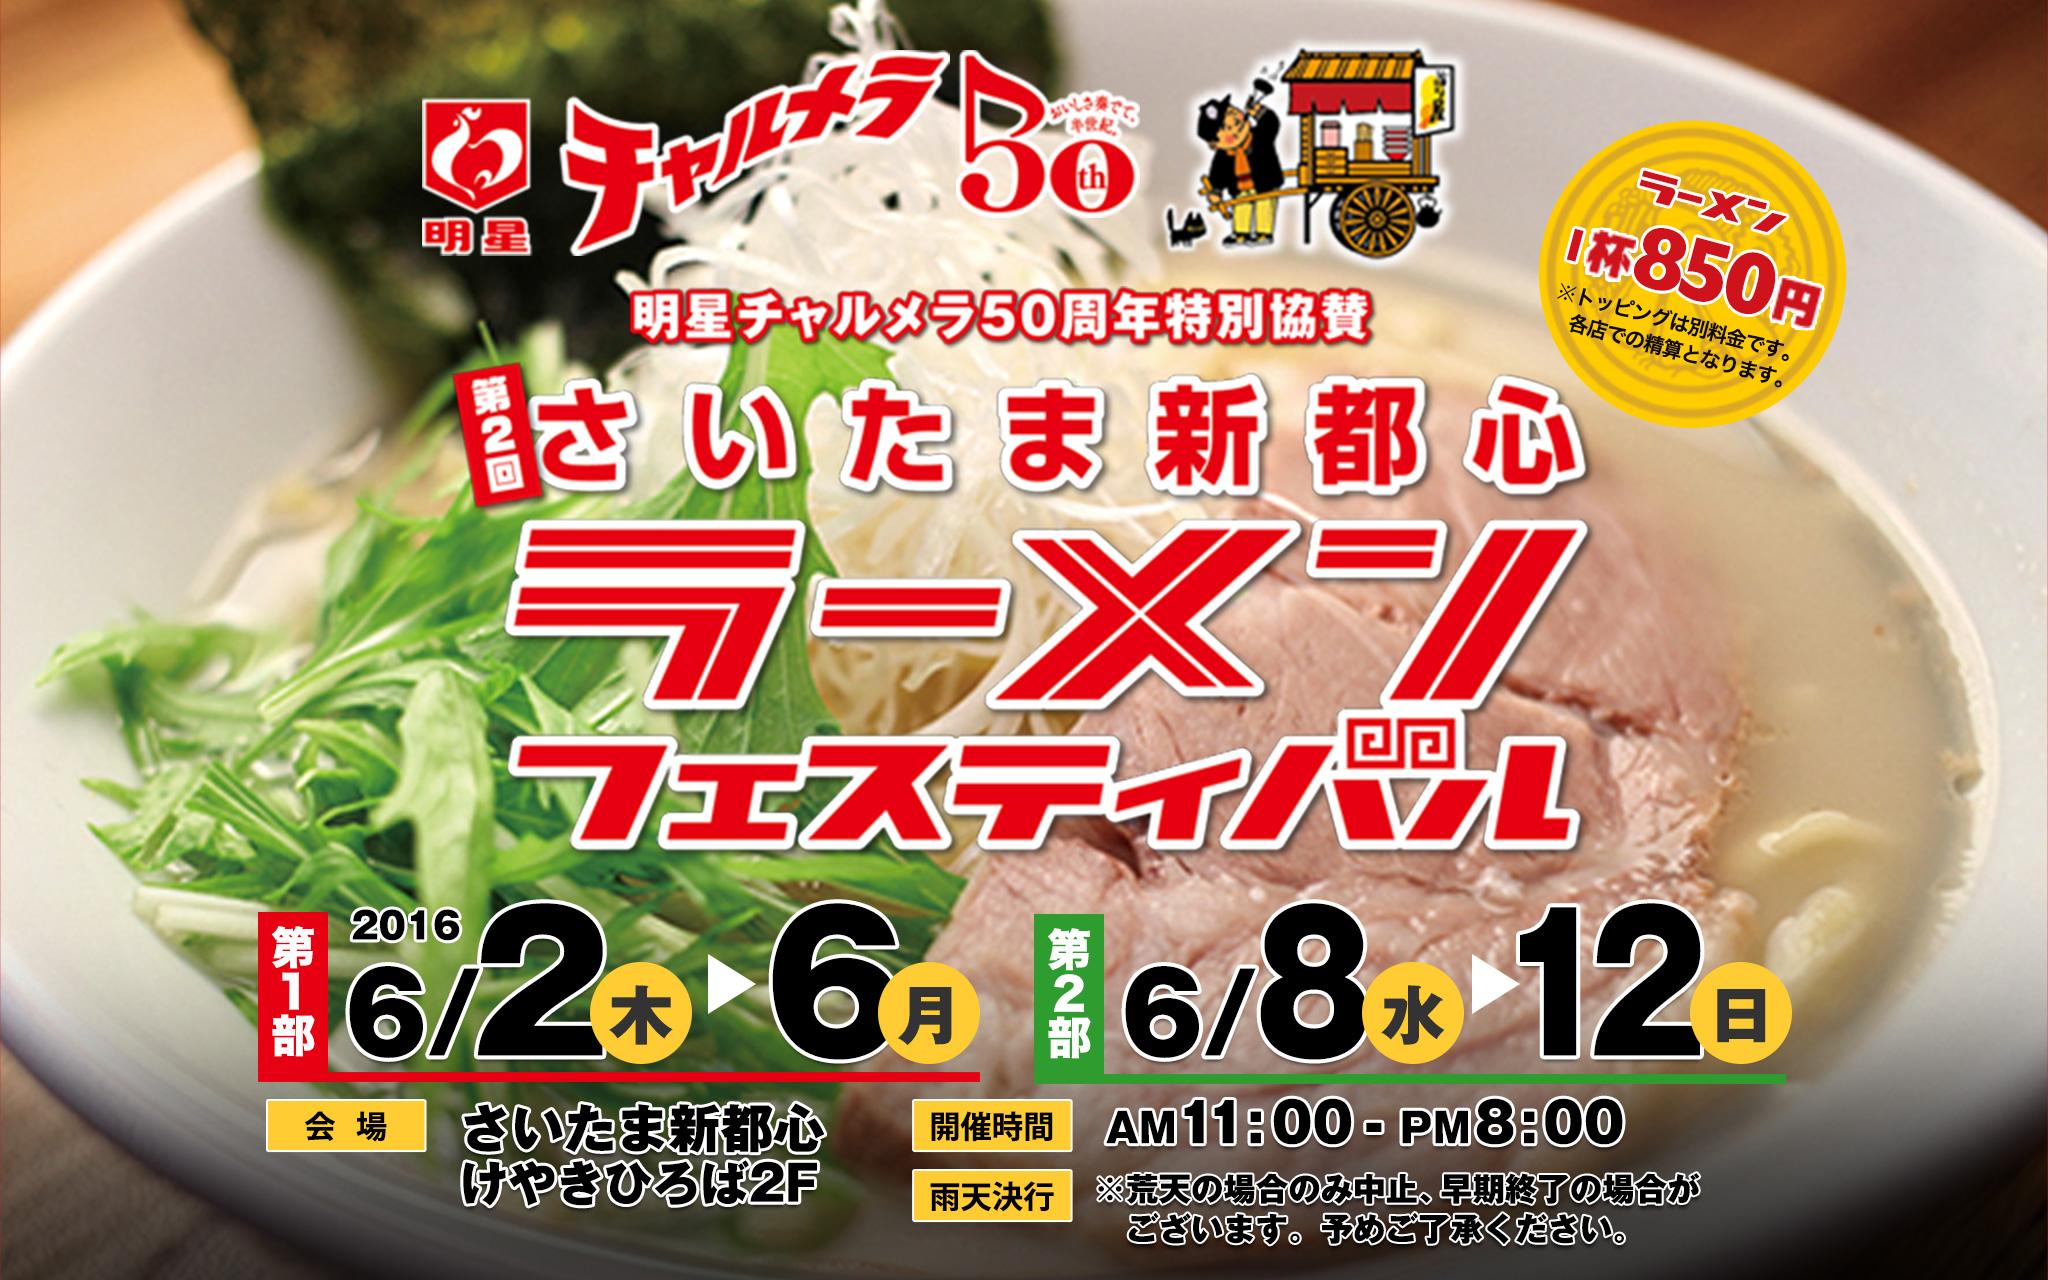 第2回さいたま新都心ラーメンフェスティバル2016 | 旨いラーメンを食べつくせ!人気店がさいたま新都心 けやきひろばに大集結!2016年6月2日(木)~6日(月)、6月8日(水)~12日(日)の期間に開催されるラーメンの祭典。